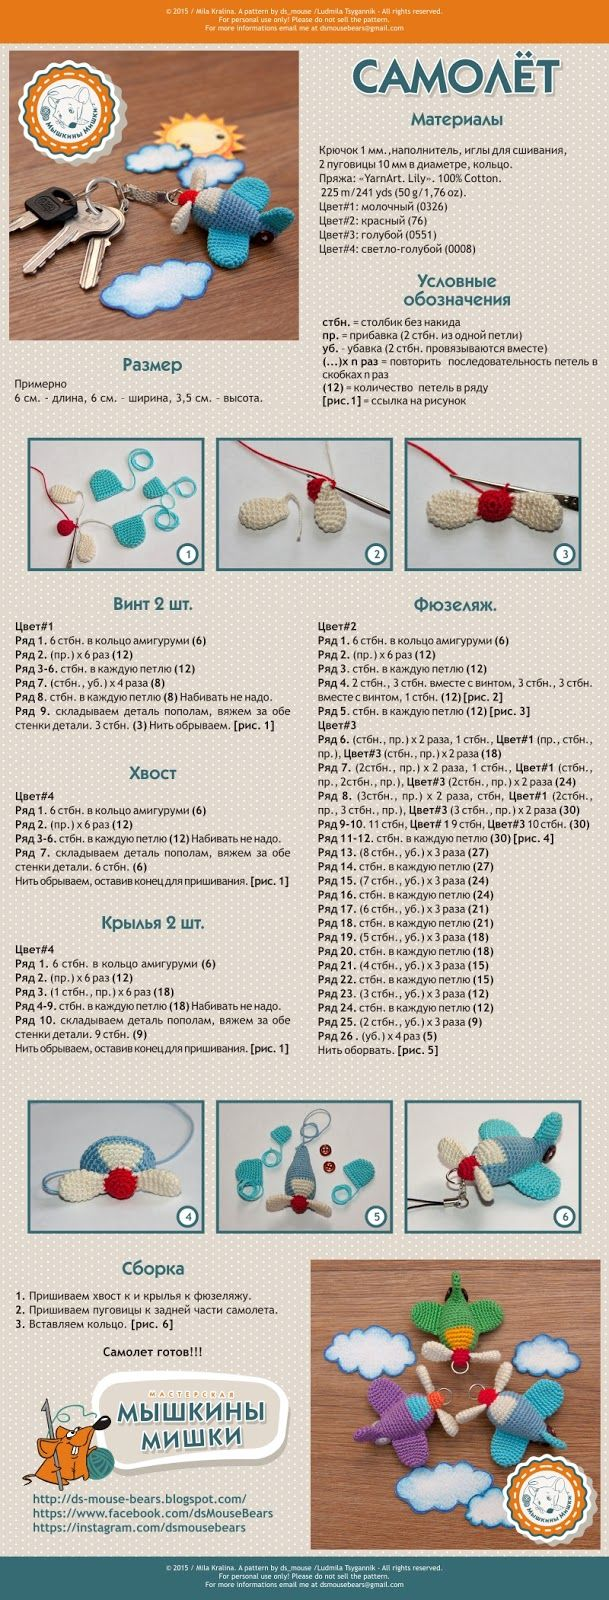 Мышкины Мишки. Авторские вязаные игрушки мишки и их друзья от Цыганник Людмилы : Самолет (игрушка для мишки) описание.